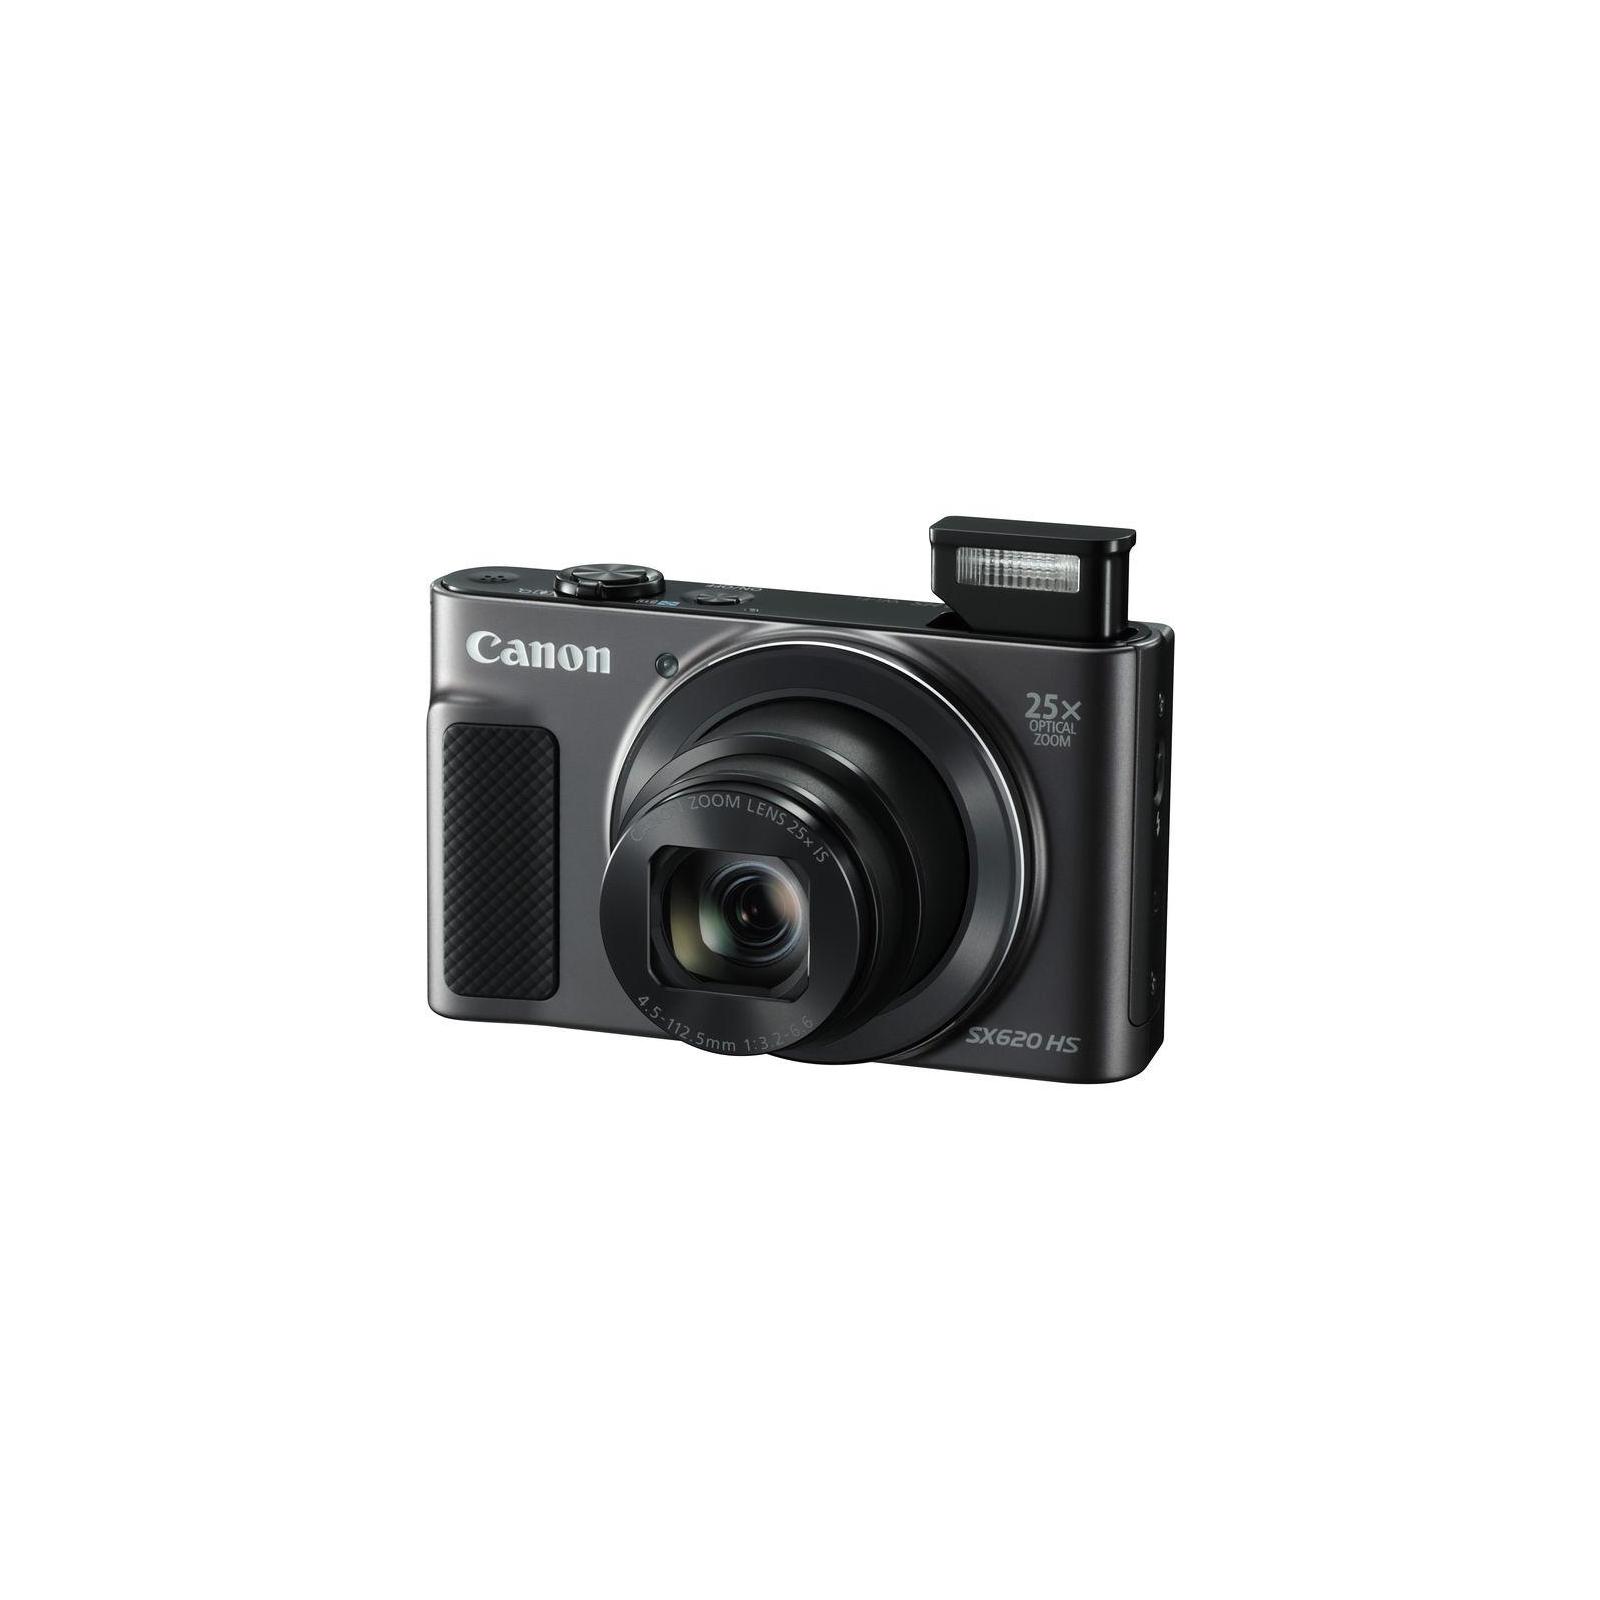 Цифровий фотоапарат Canon Powershot SX620 HS Black (1072C014) зображення 10